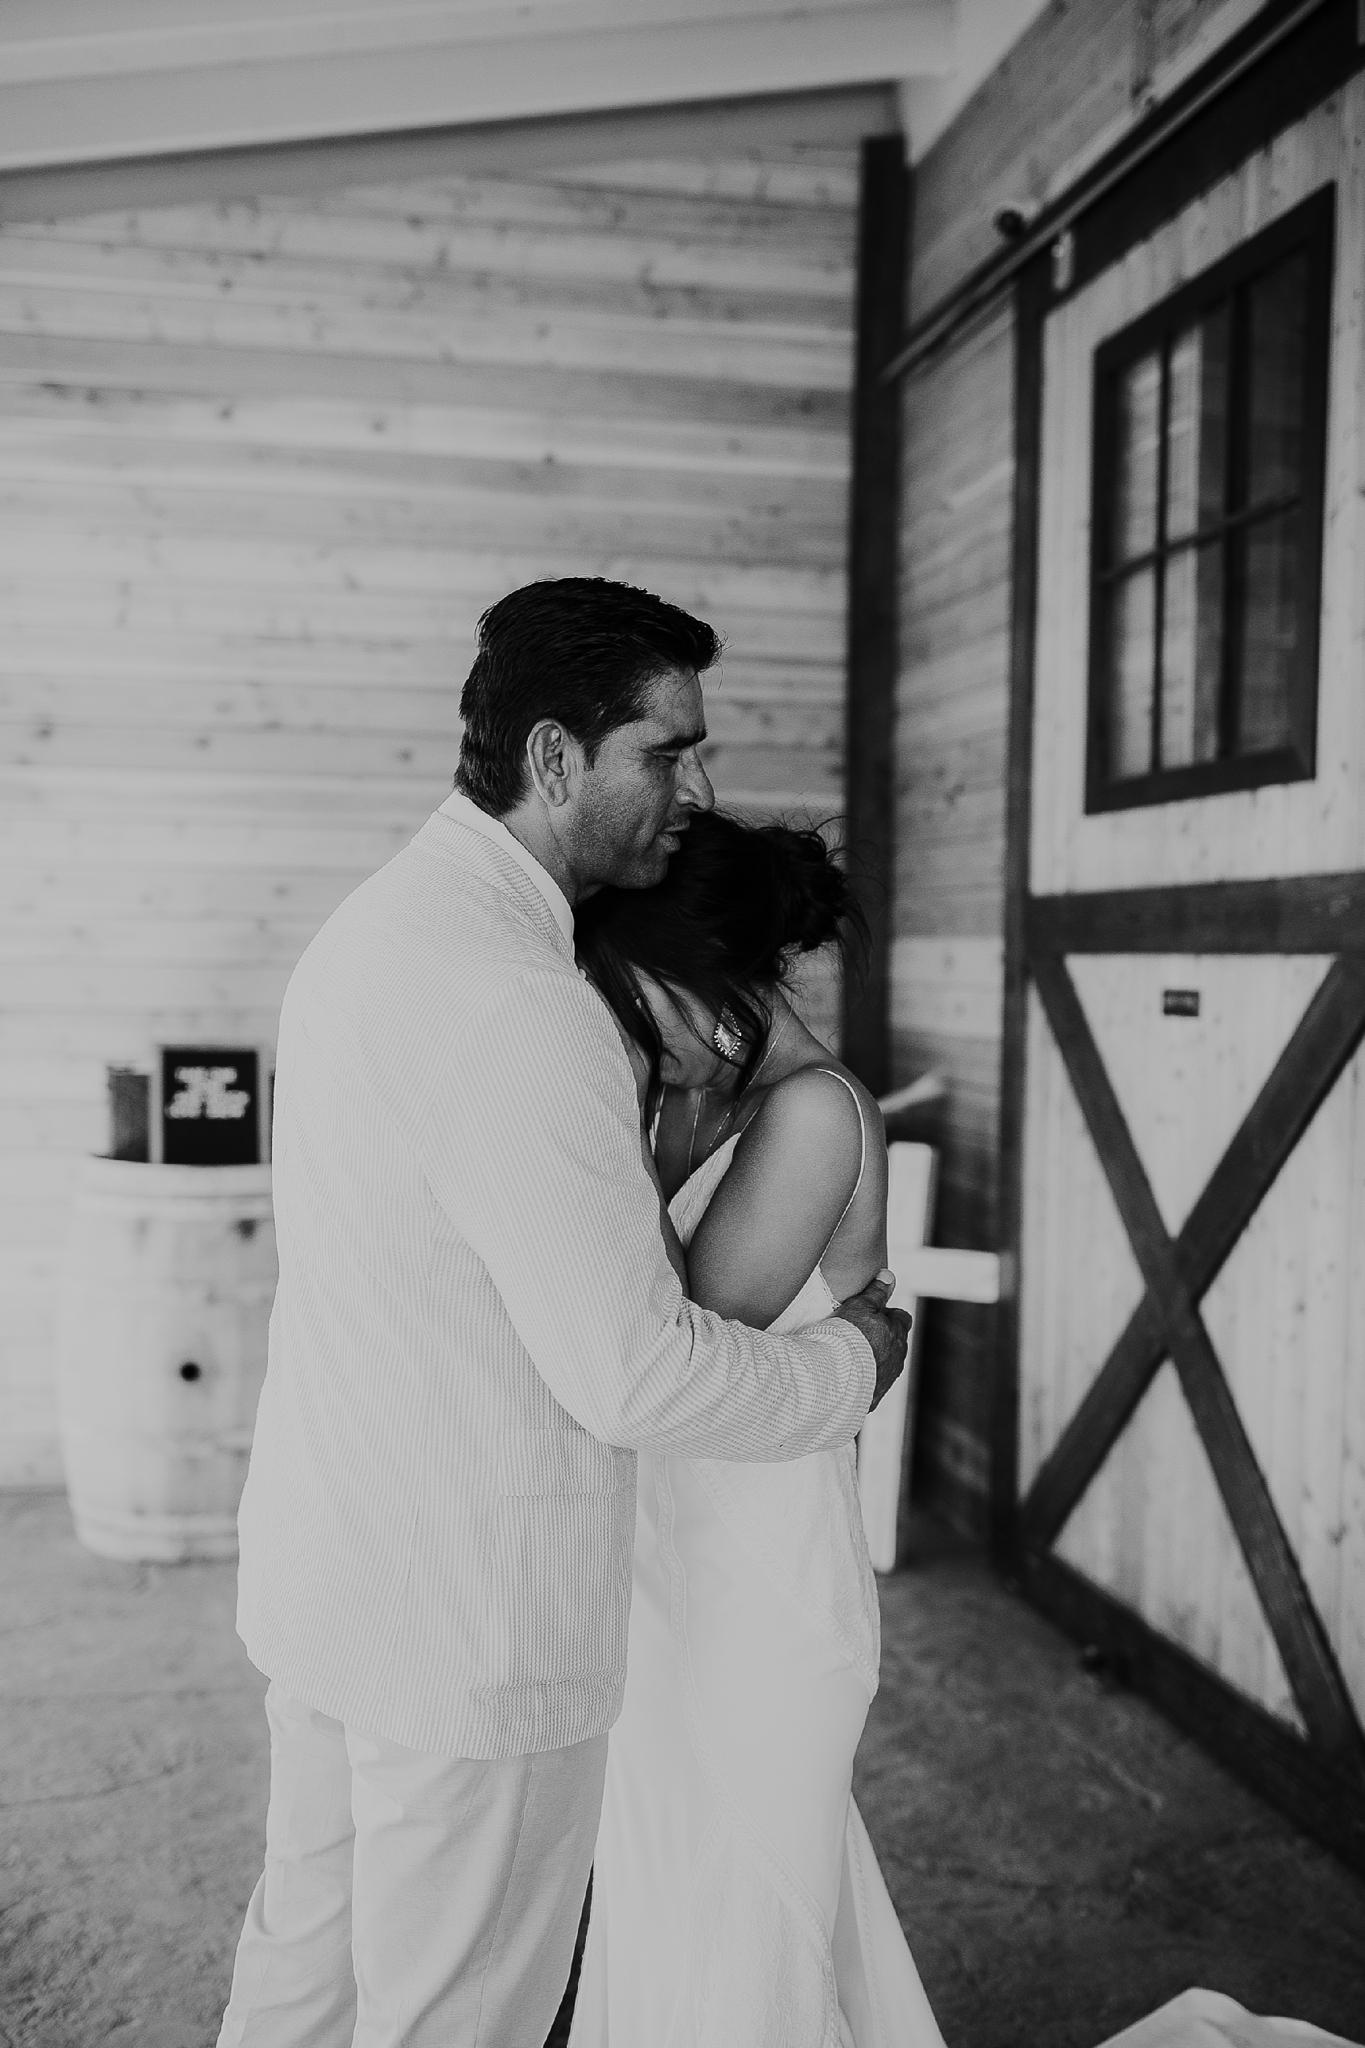 Alicia+lucia+photography+-+albuquerque+wedding+photographer+-+santa+fe+wedding+photography+-+new+mexico+wedding+photographer+-+new+mexico+wedding+-+new+mexico+wedding+-+barn+wedding+-+enchanted+vine+barn+wedding+-+ruidoso+wedding_0064.jpg